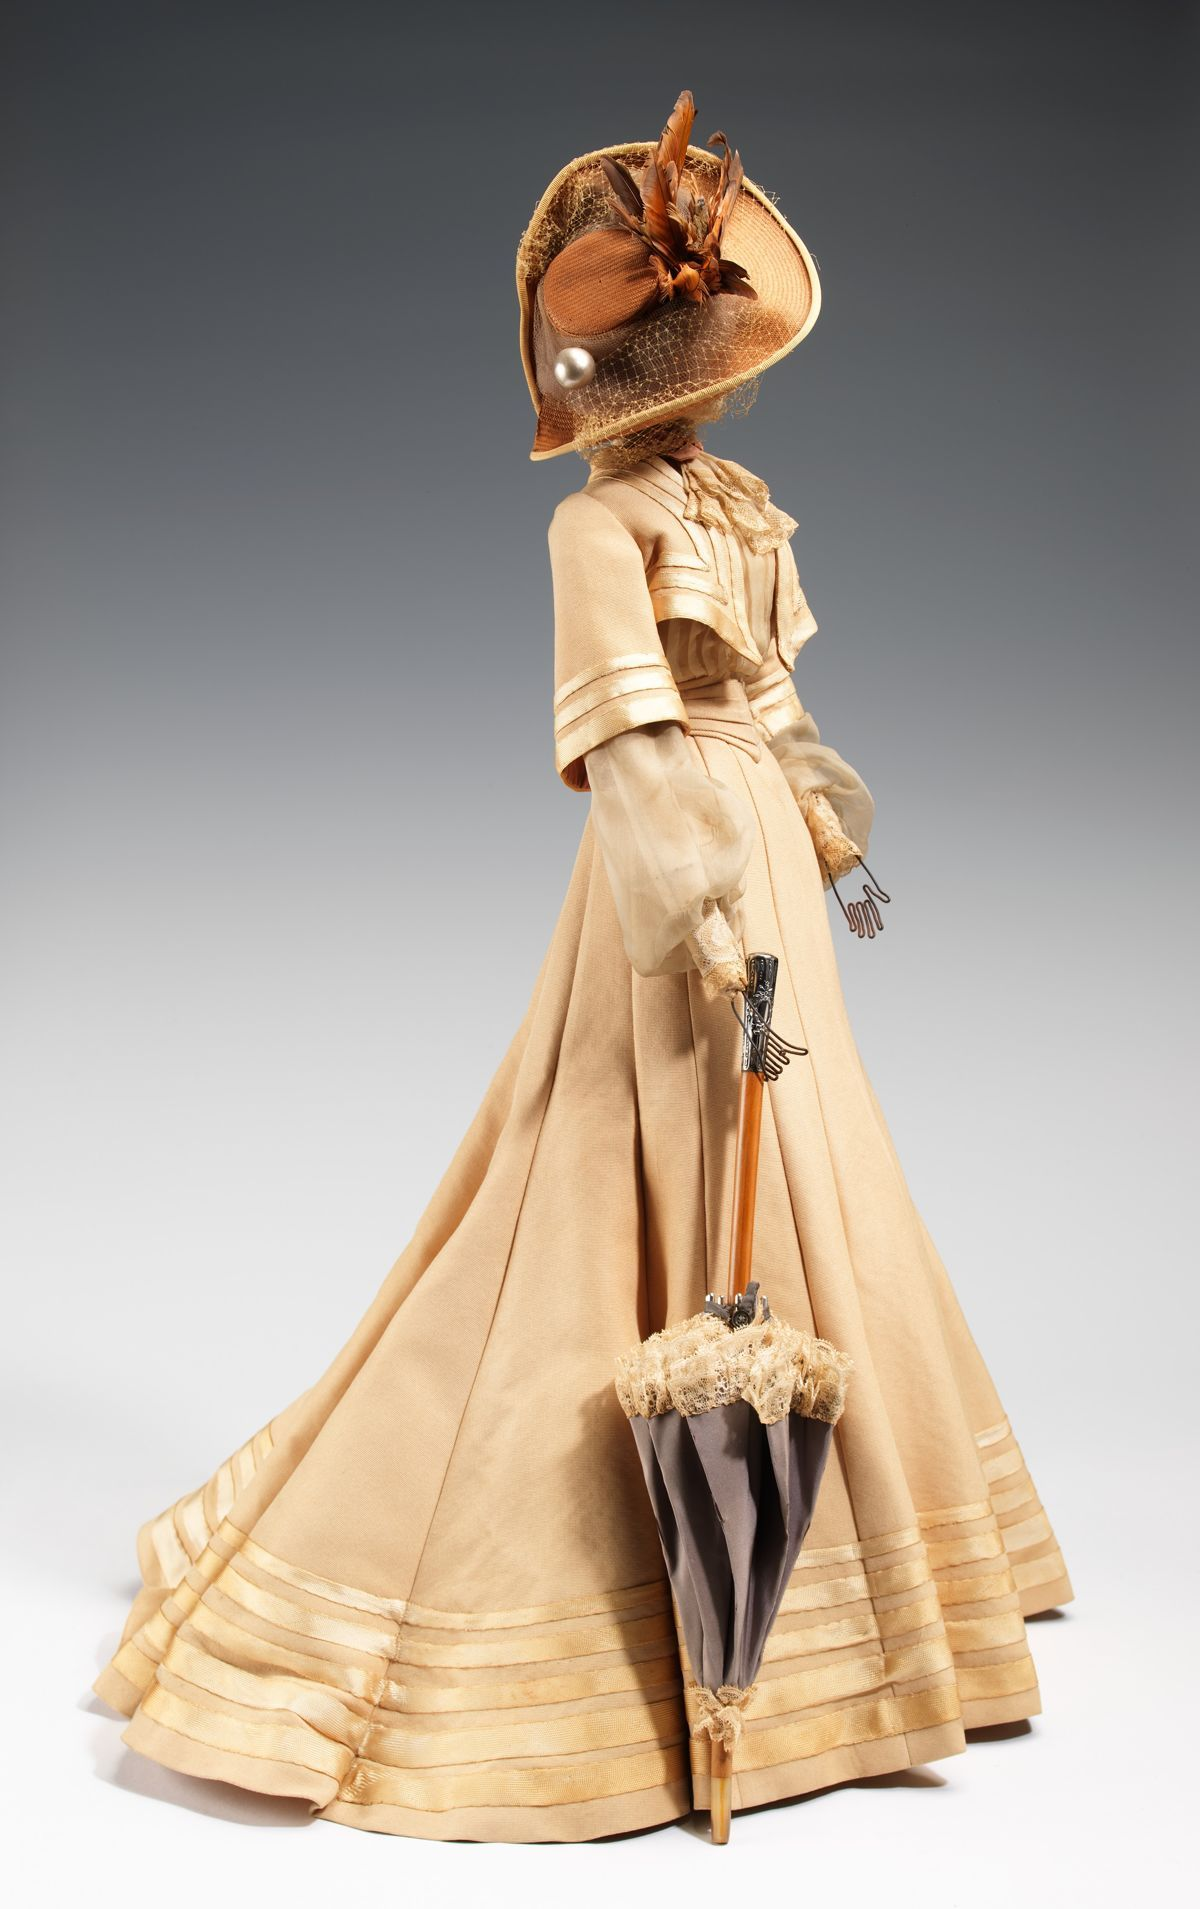 1902 Doll